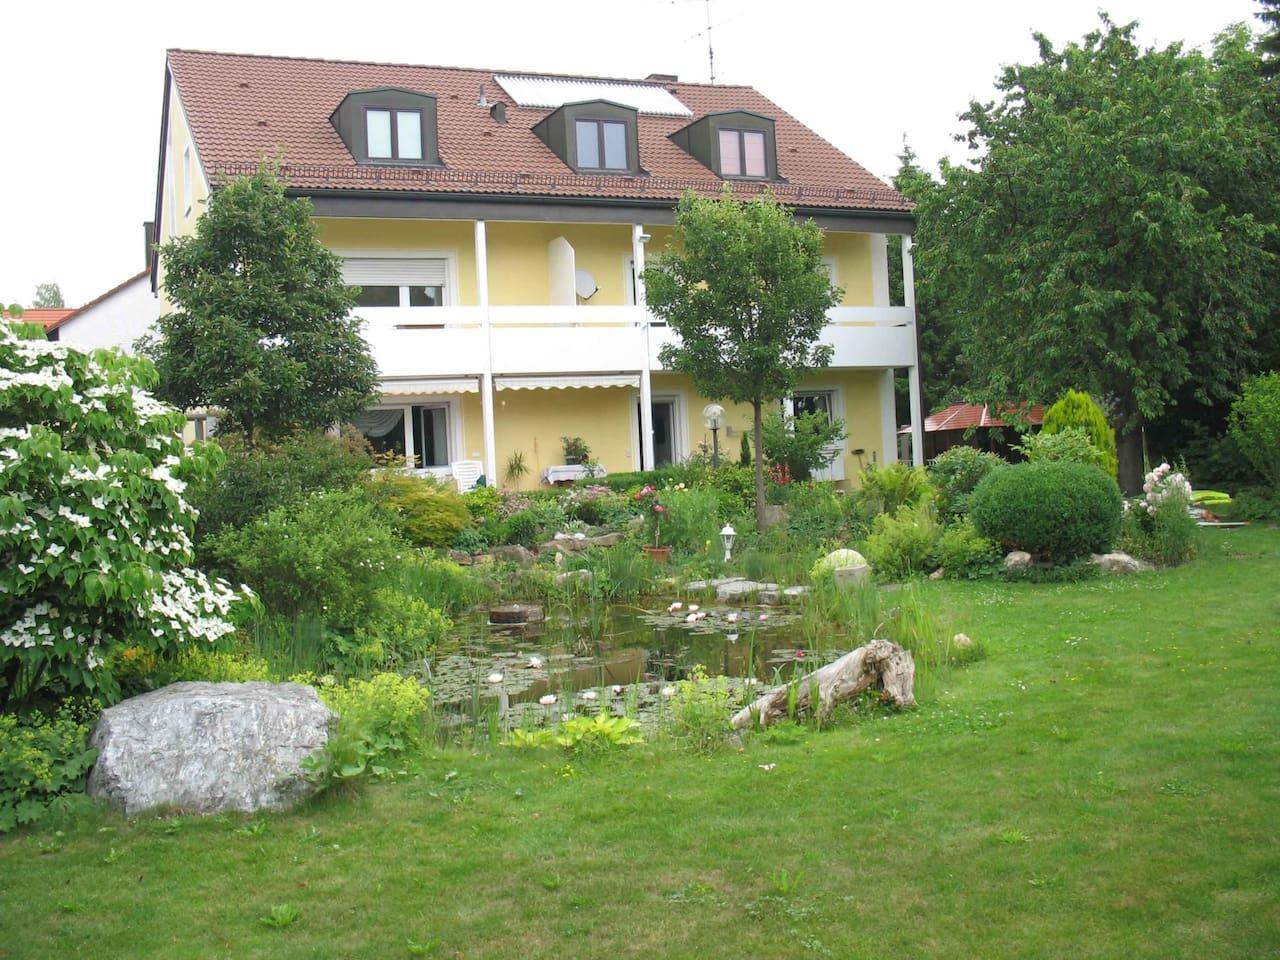 Haus und Garten/home and garden